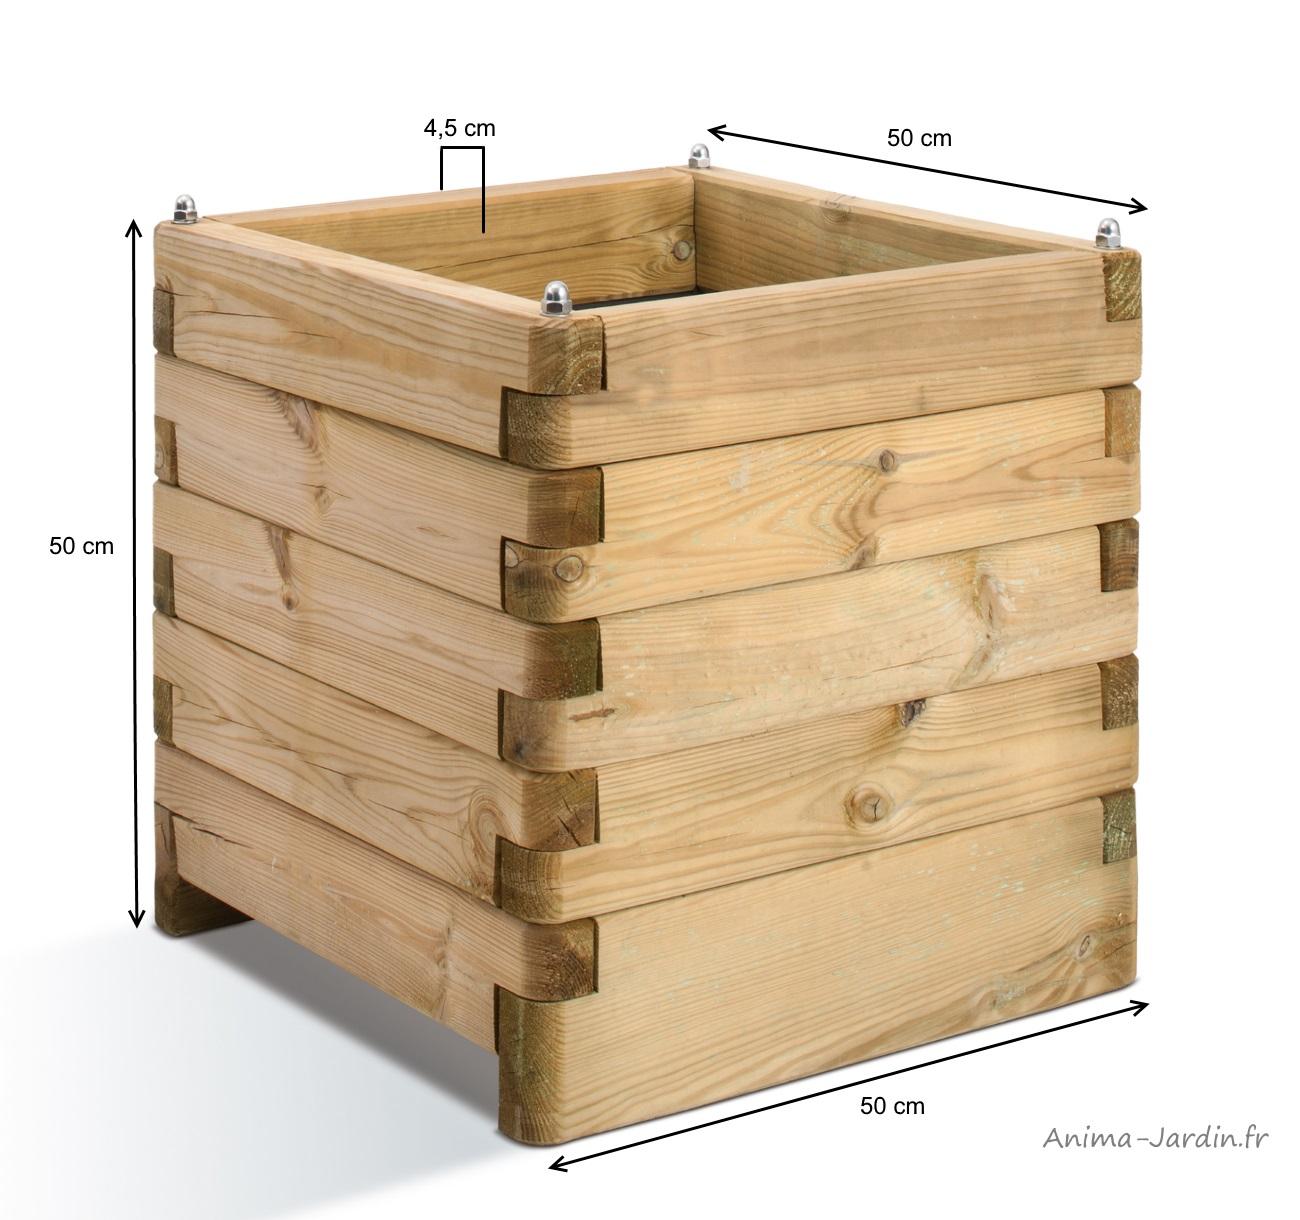 bac carré en bois-autoclave-oléa-50cm-dimensions-anima-jardin.fr